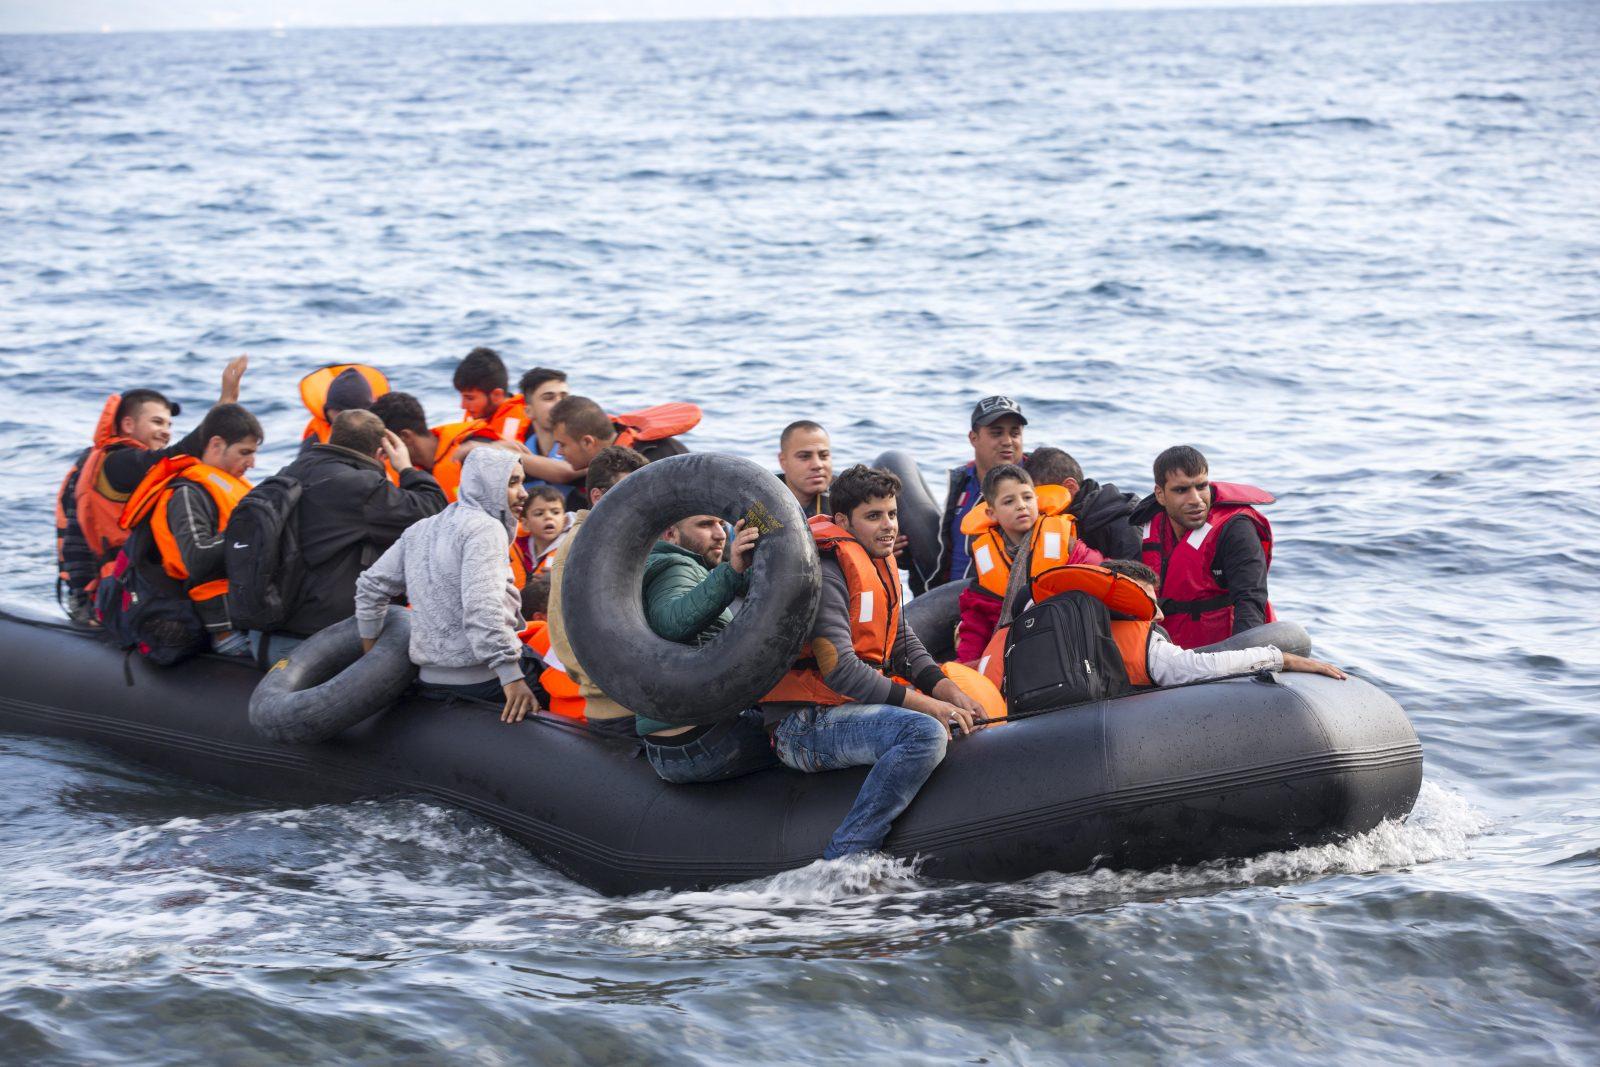 Syrer erreichen Europa: Ein Migrationspakt der EU-Kommission soll die Zuwanderung koordinieren (Archivbild) Foto: picture alliance/Global Warming Images